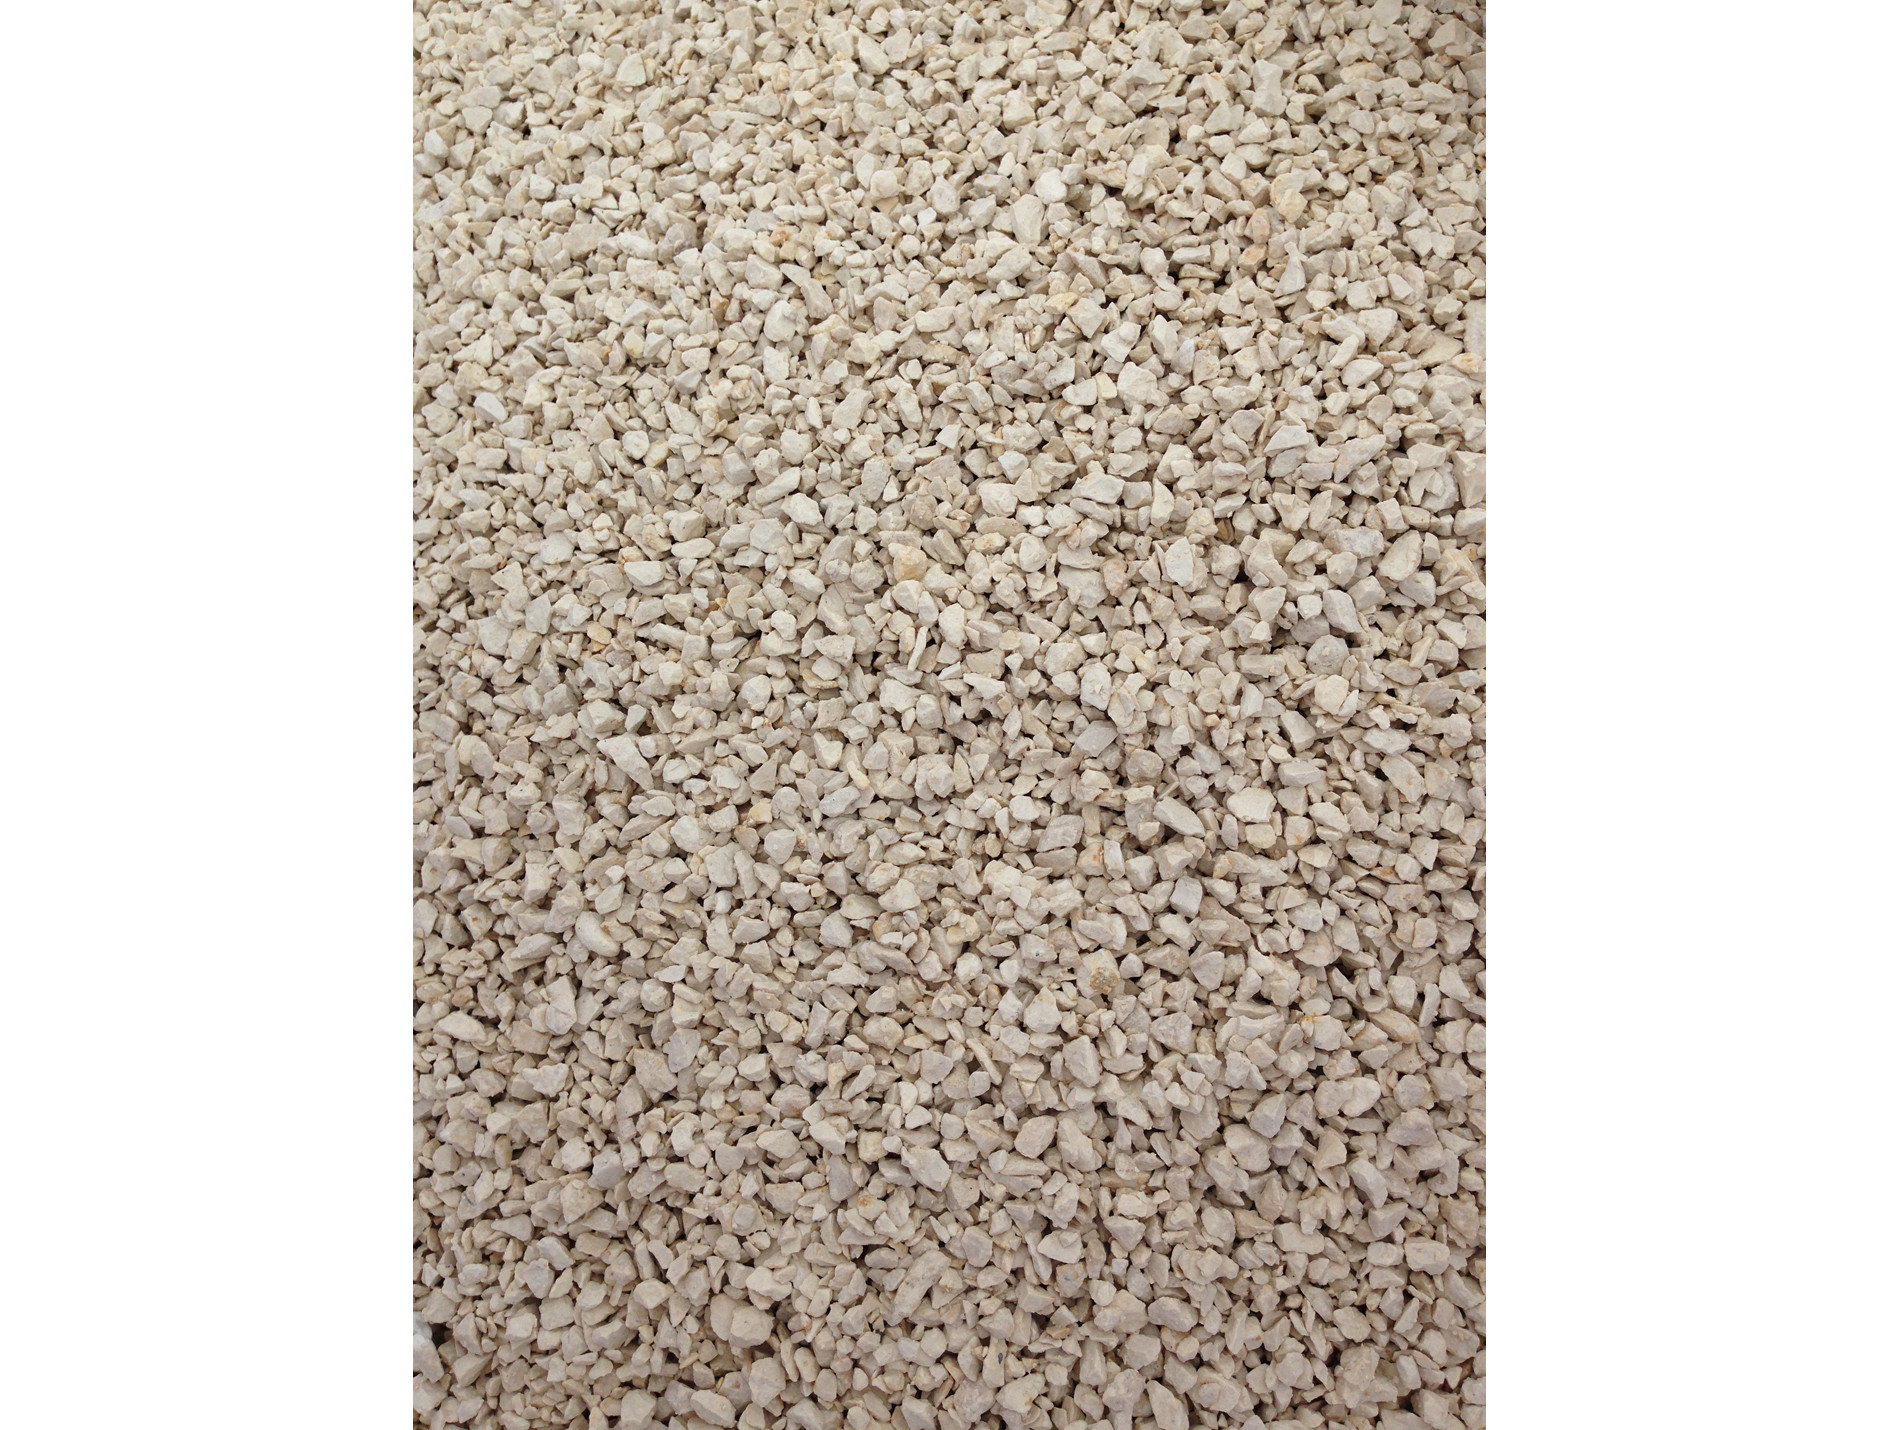 Acheter Gravier Pour Allée gravillon calcaire blanc concassé 6/10 25kg - gravier, galet